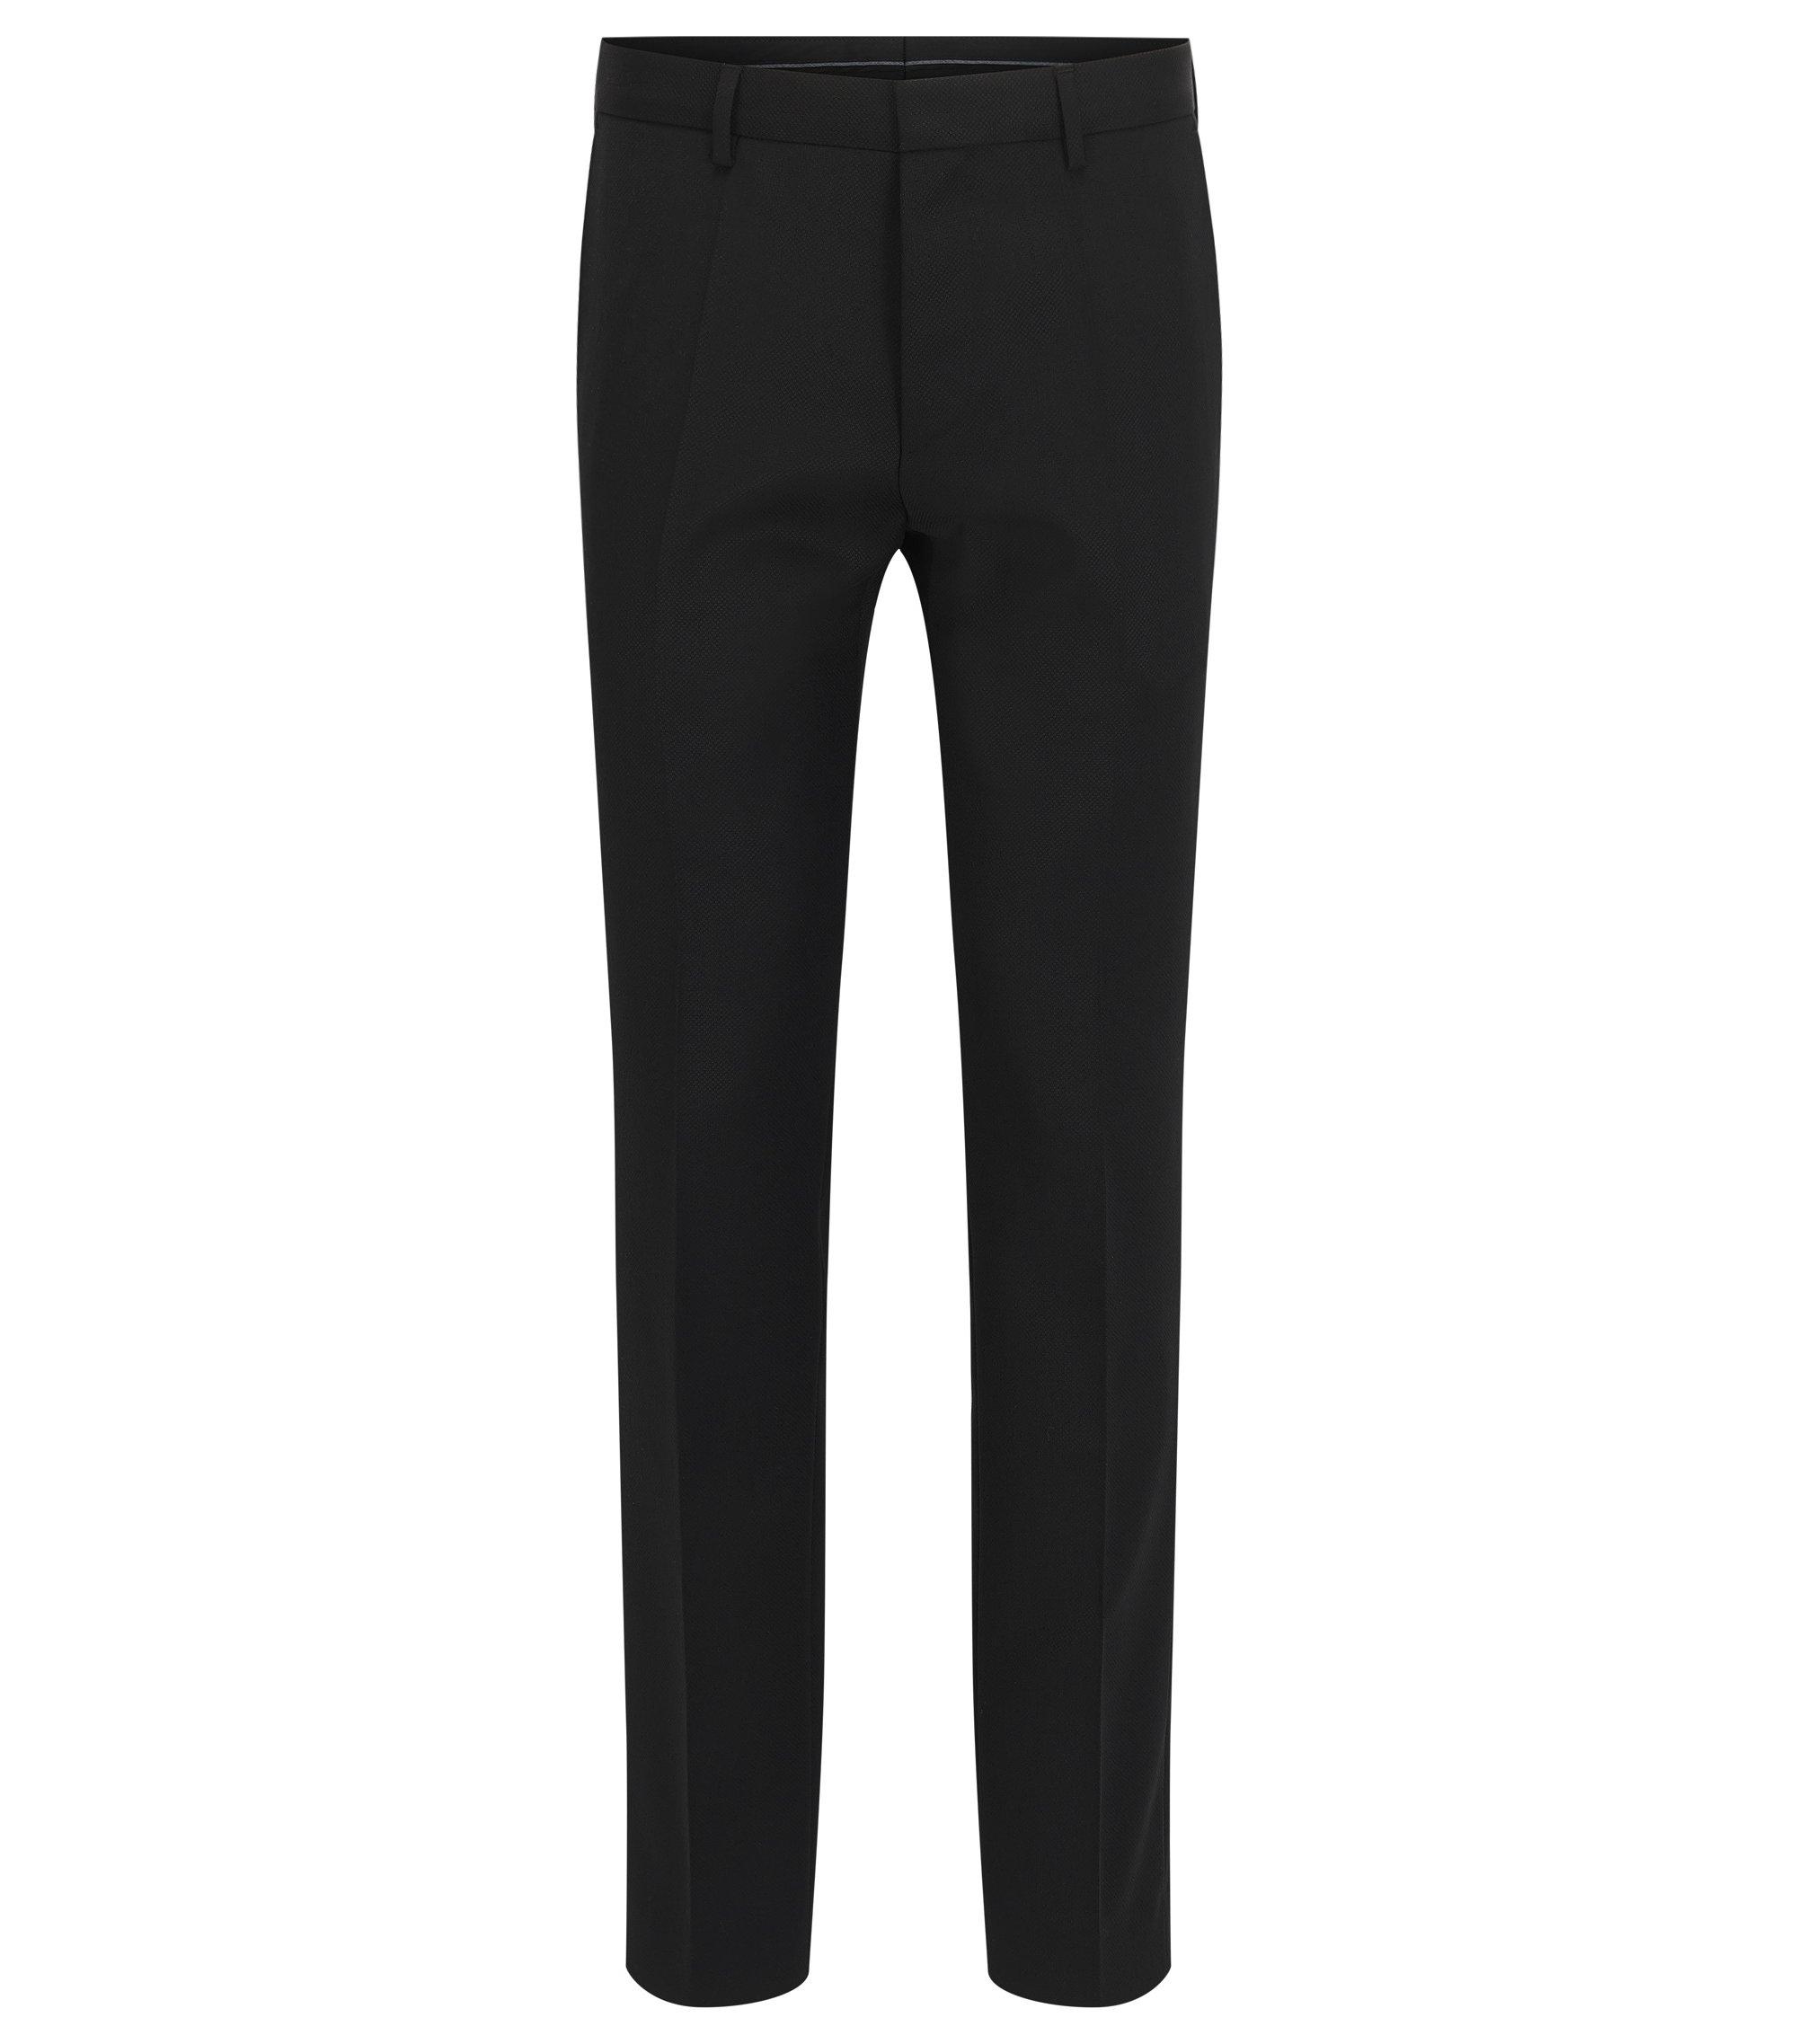 Virgin Wool Dress Pant, Slim Fit | Genesis, Black